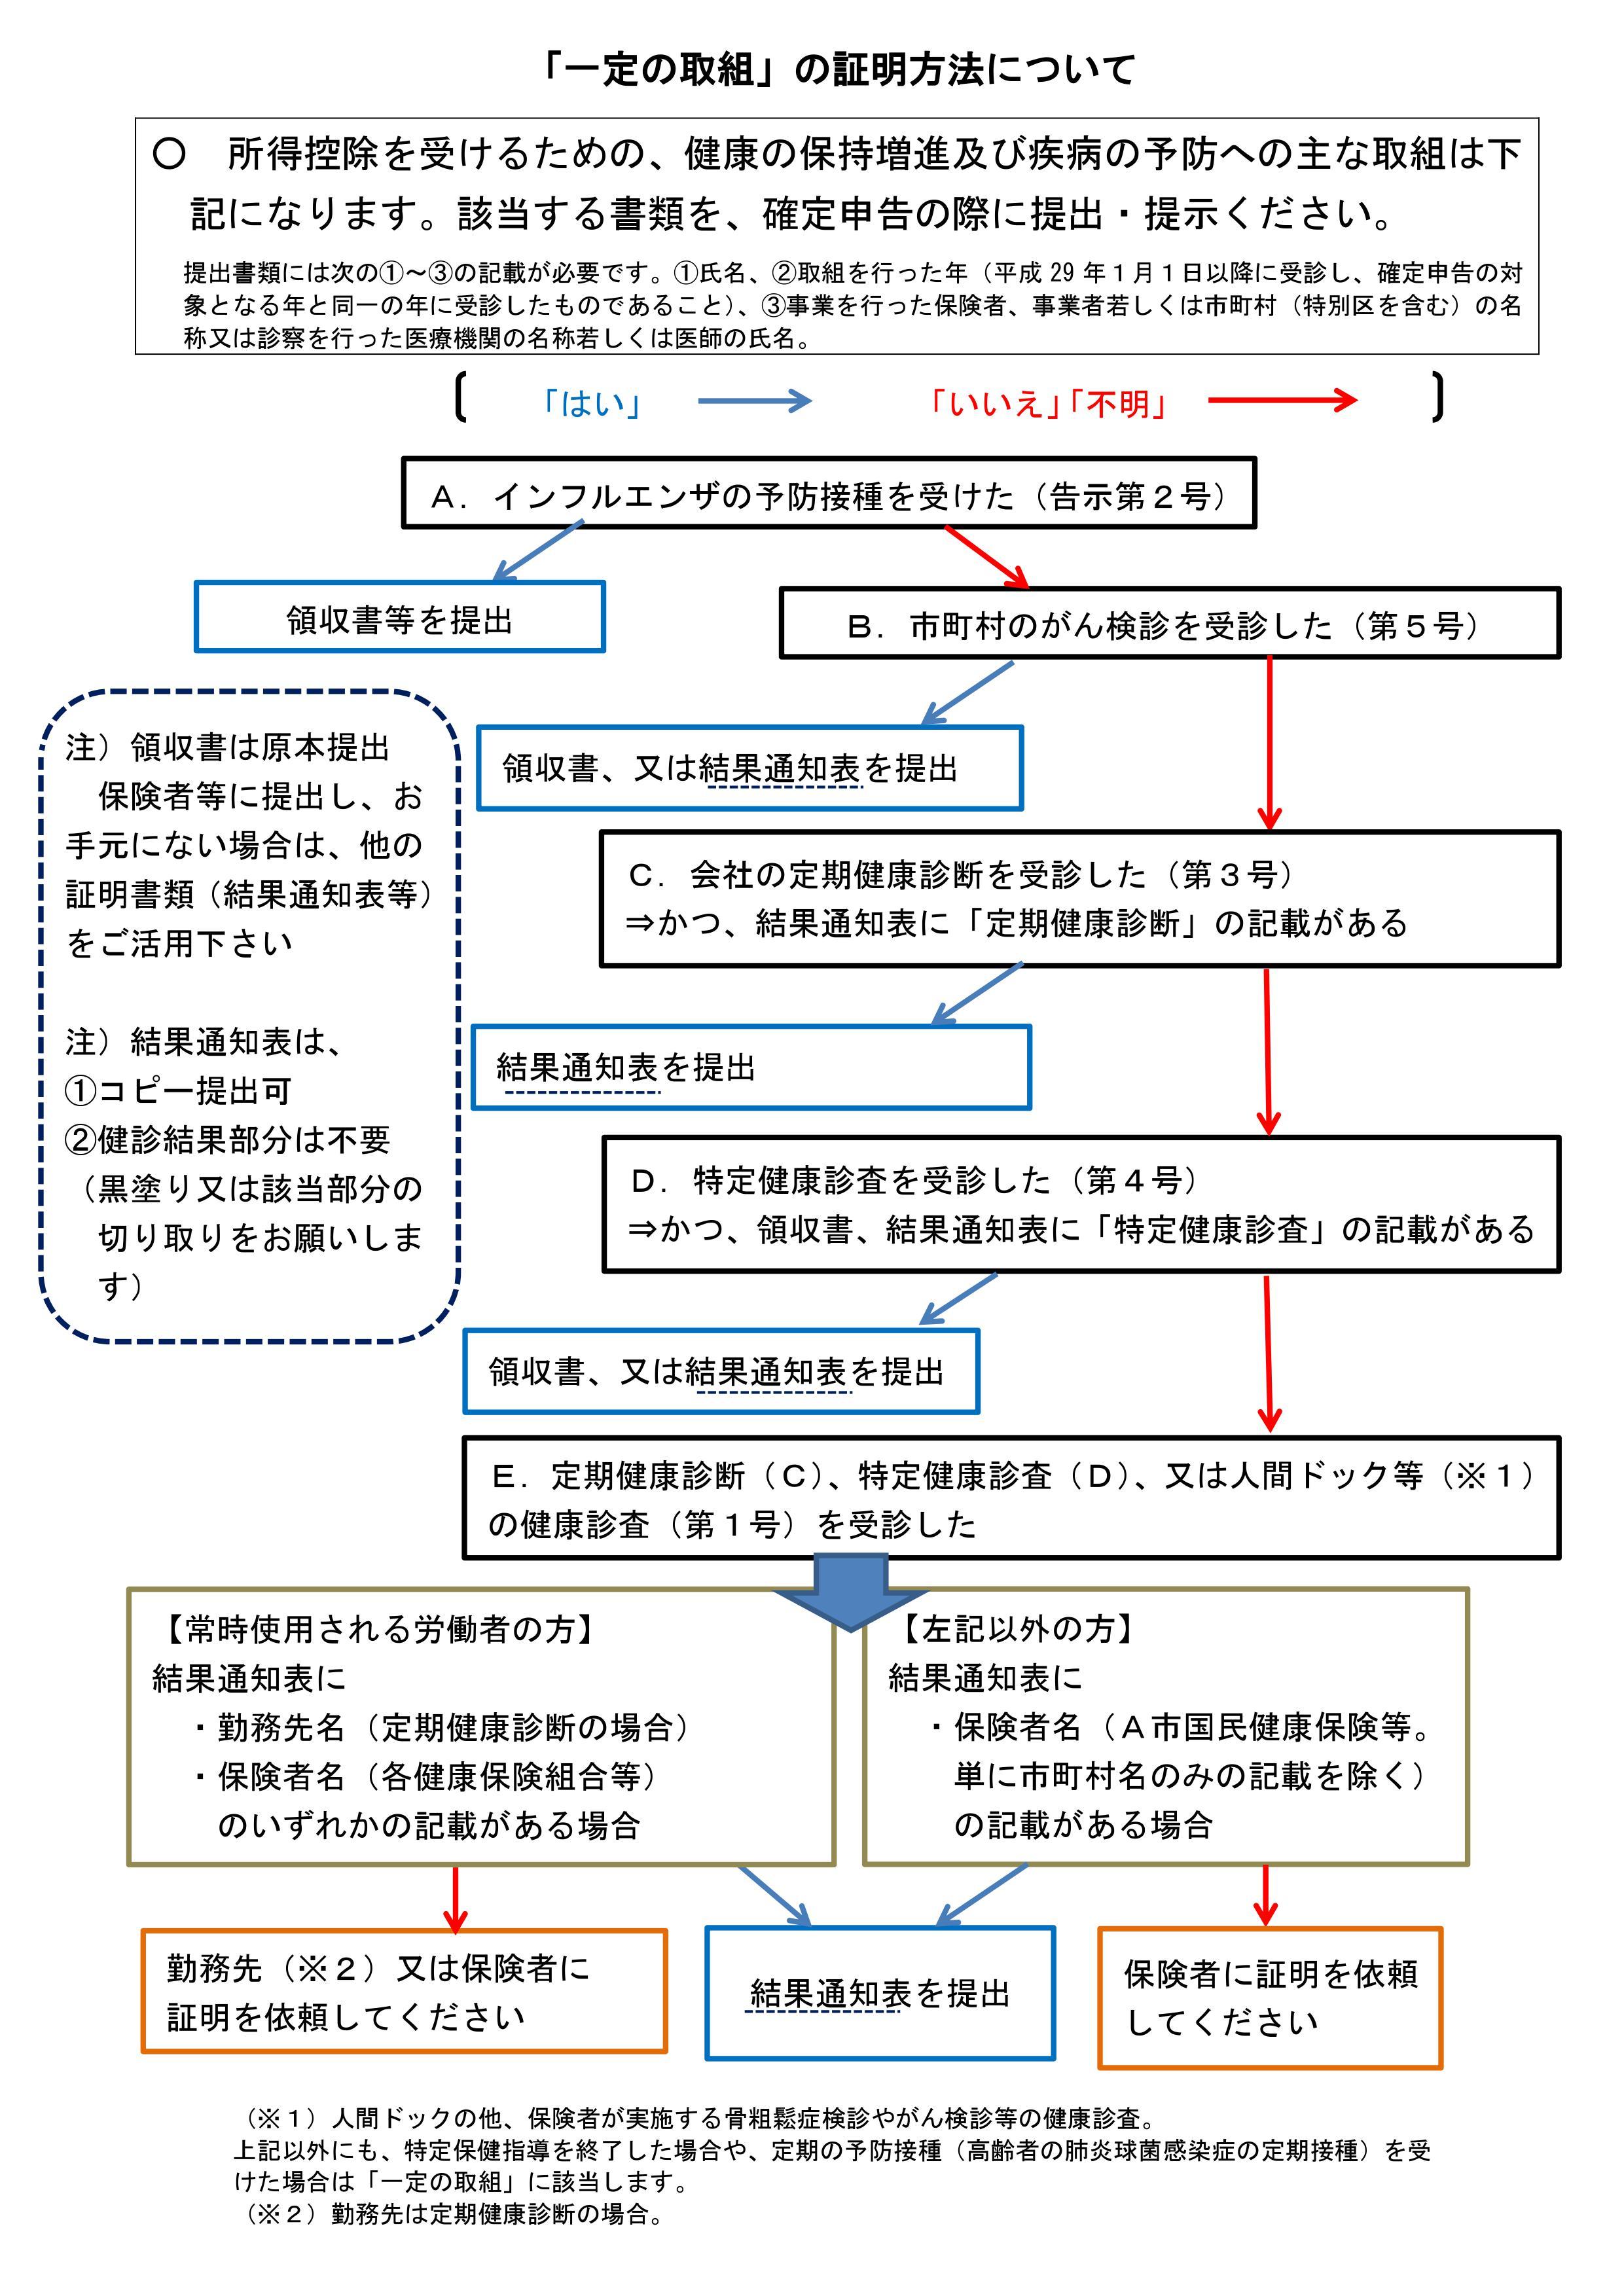 セルフメディケーション税制(医療費控除の特例)/スイッチOTC医薬品控除